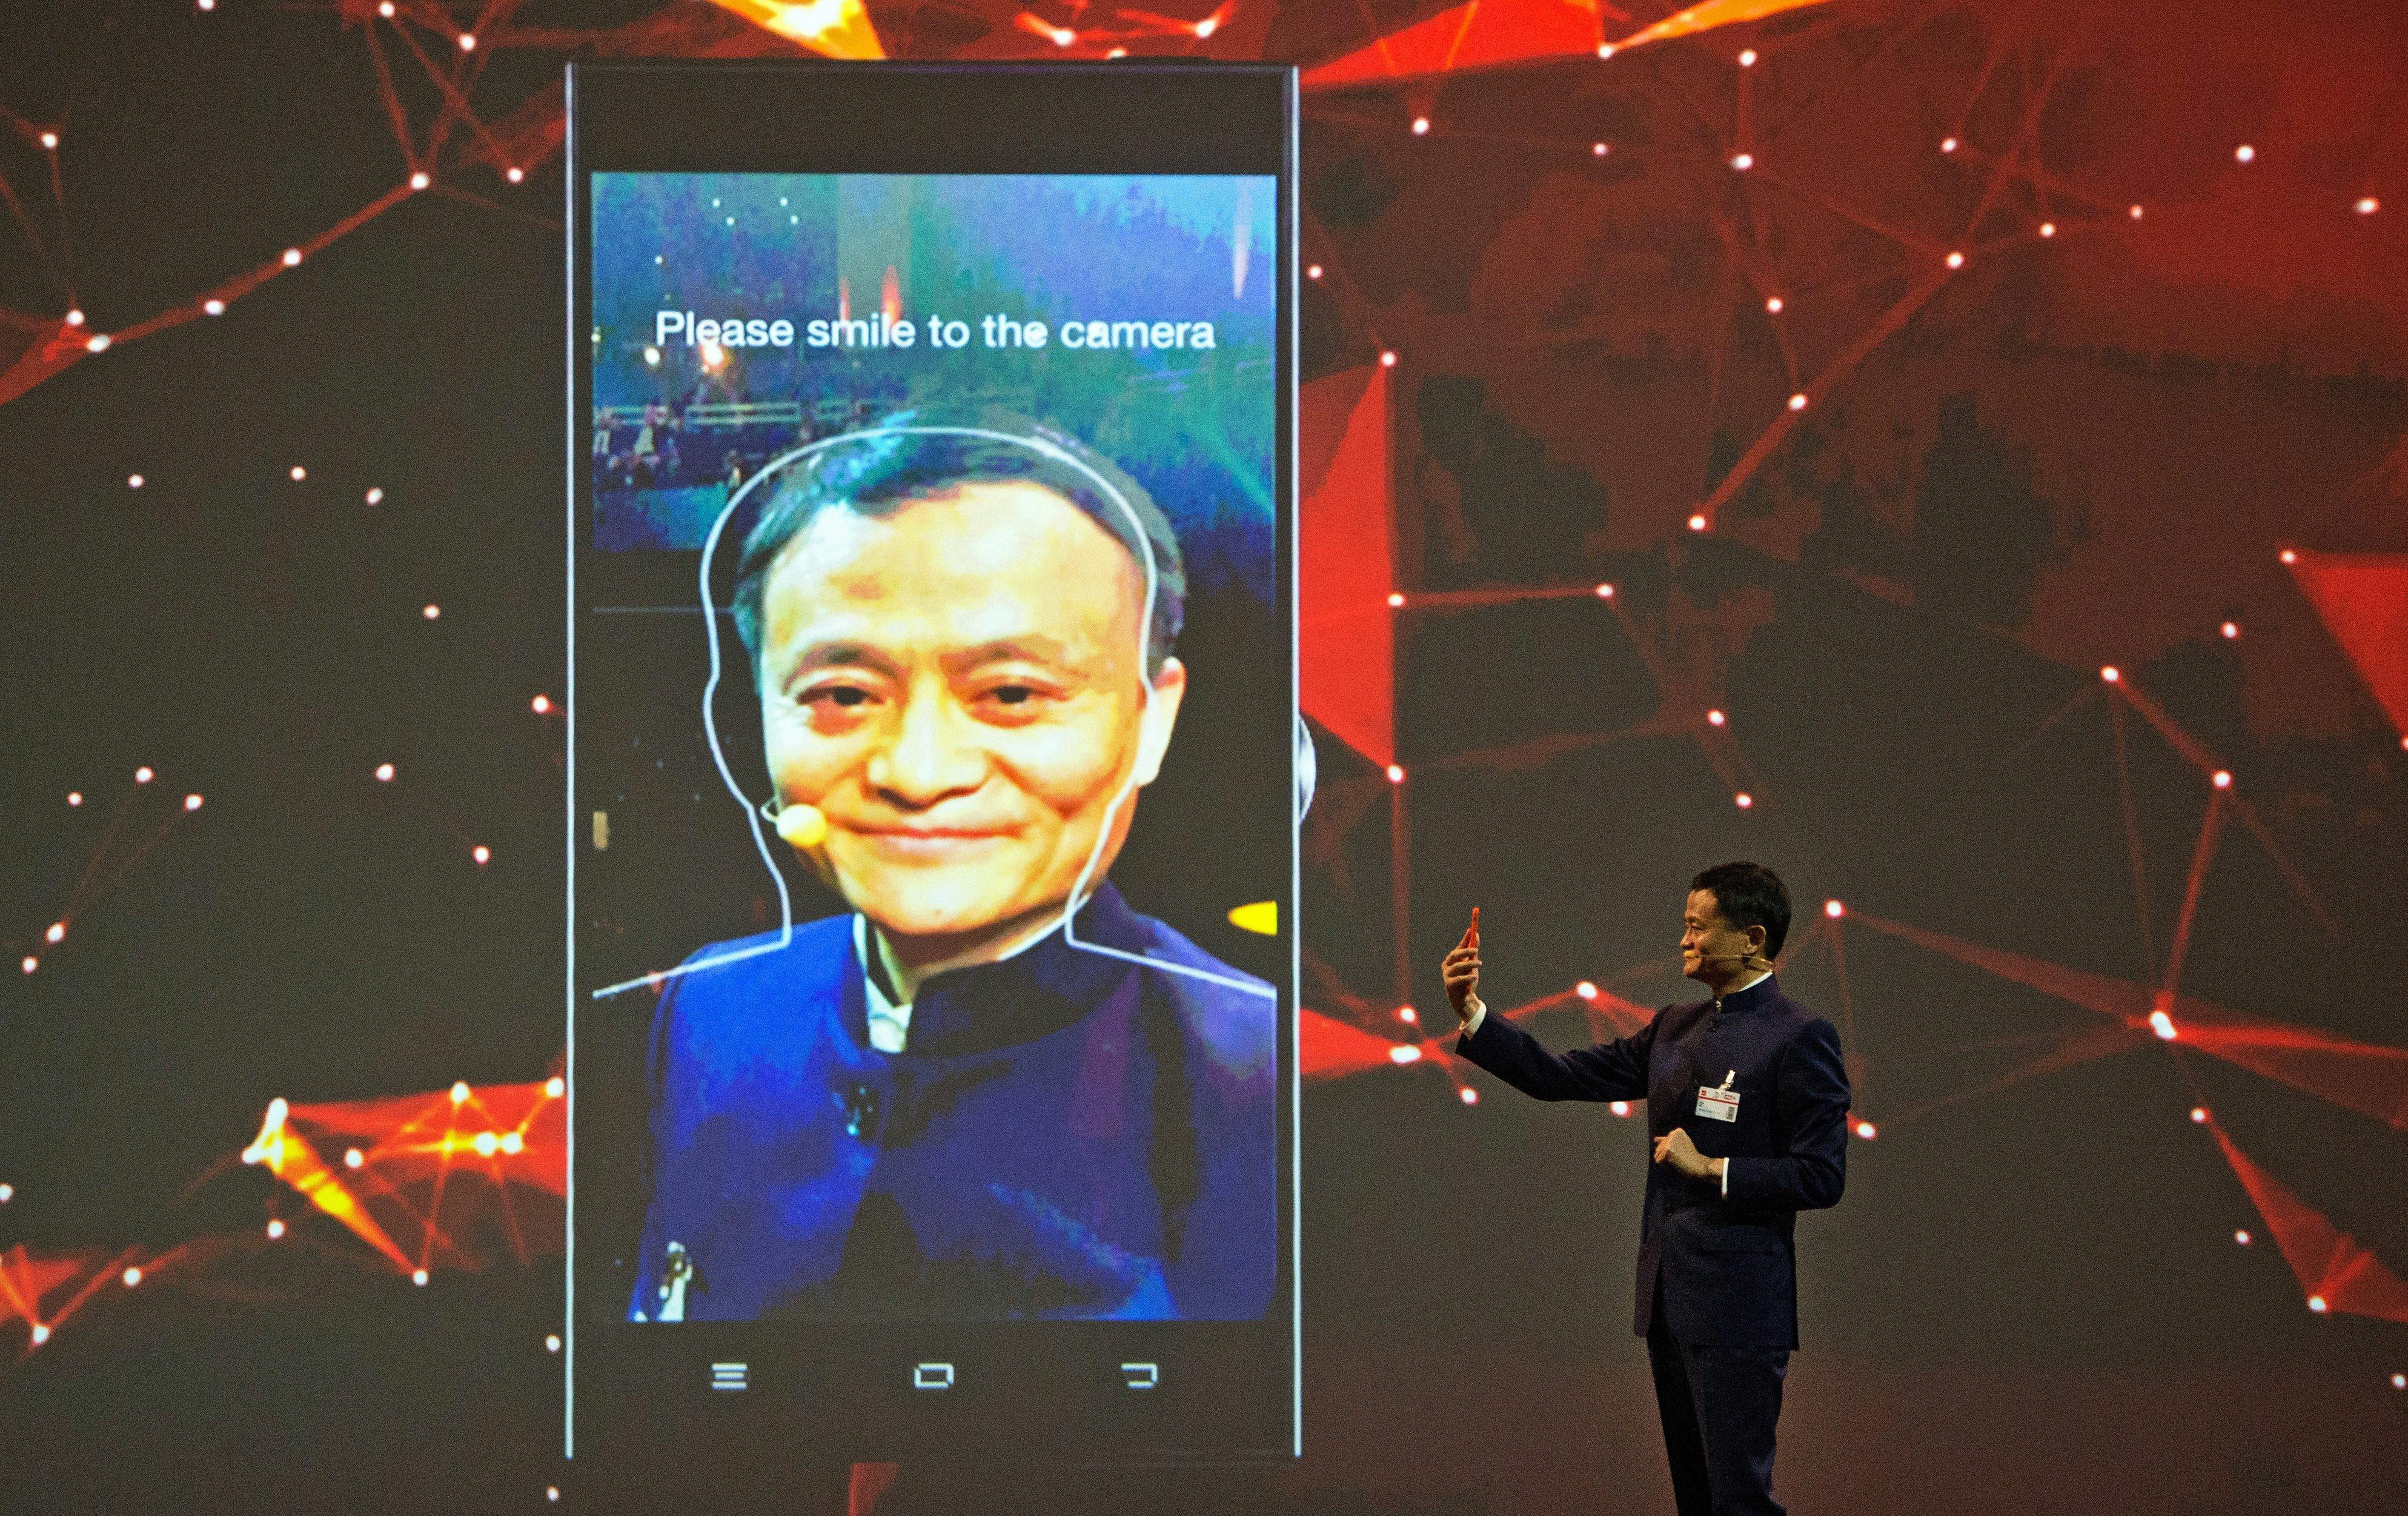 Il riconoscimento facciale di Android violato da un calco in 3D